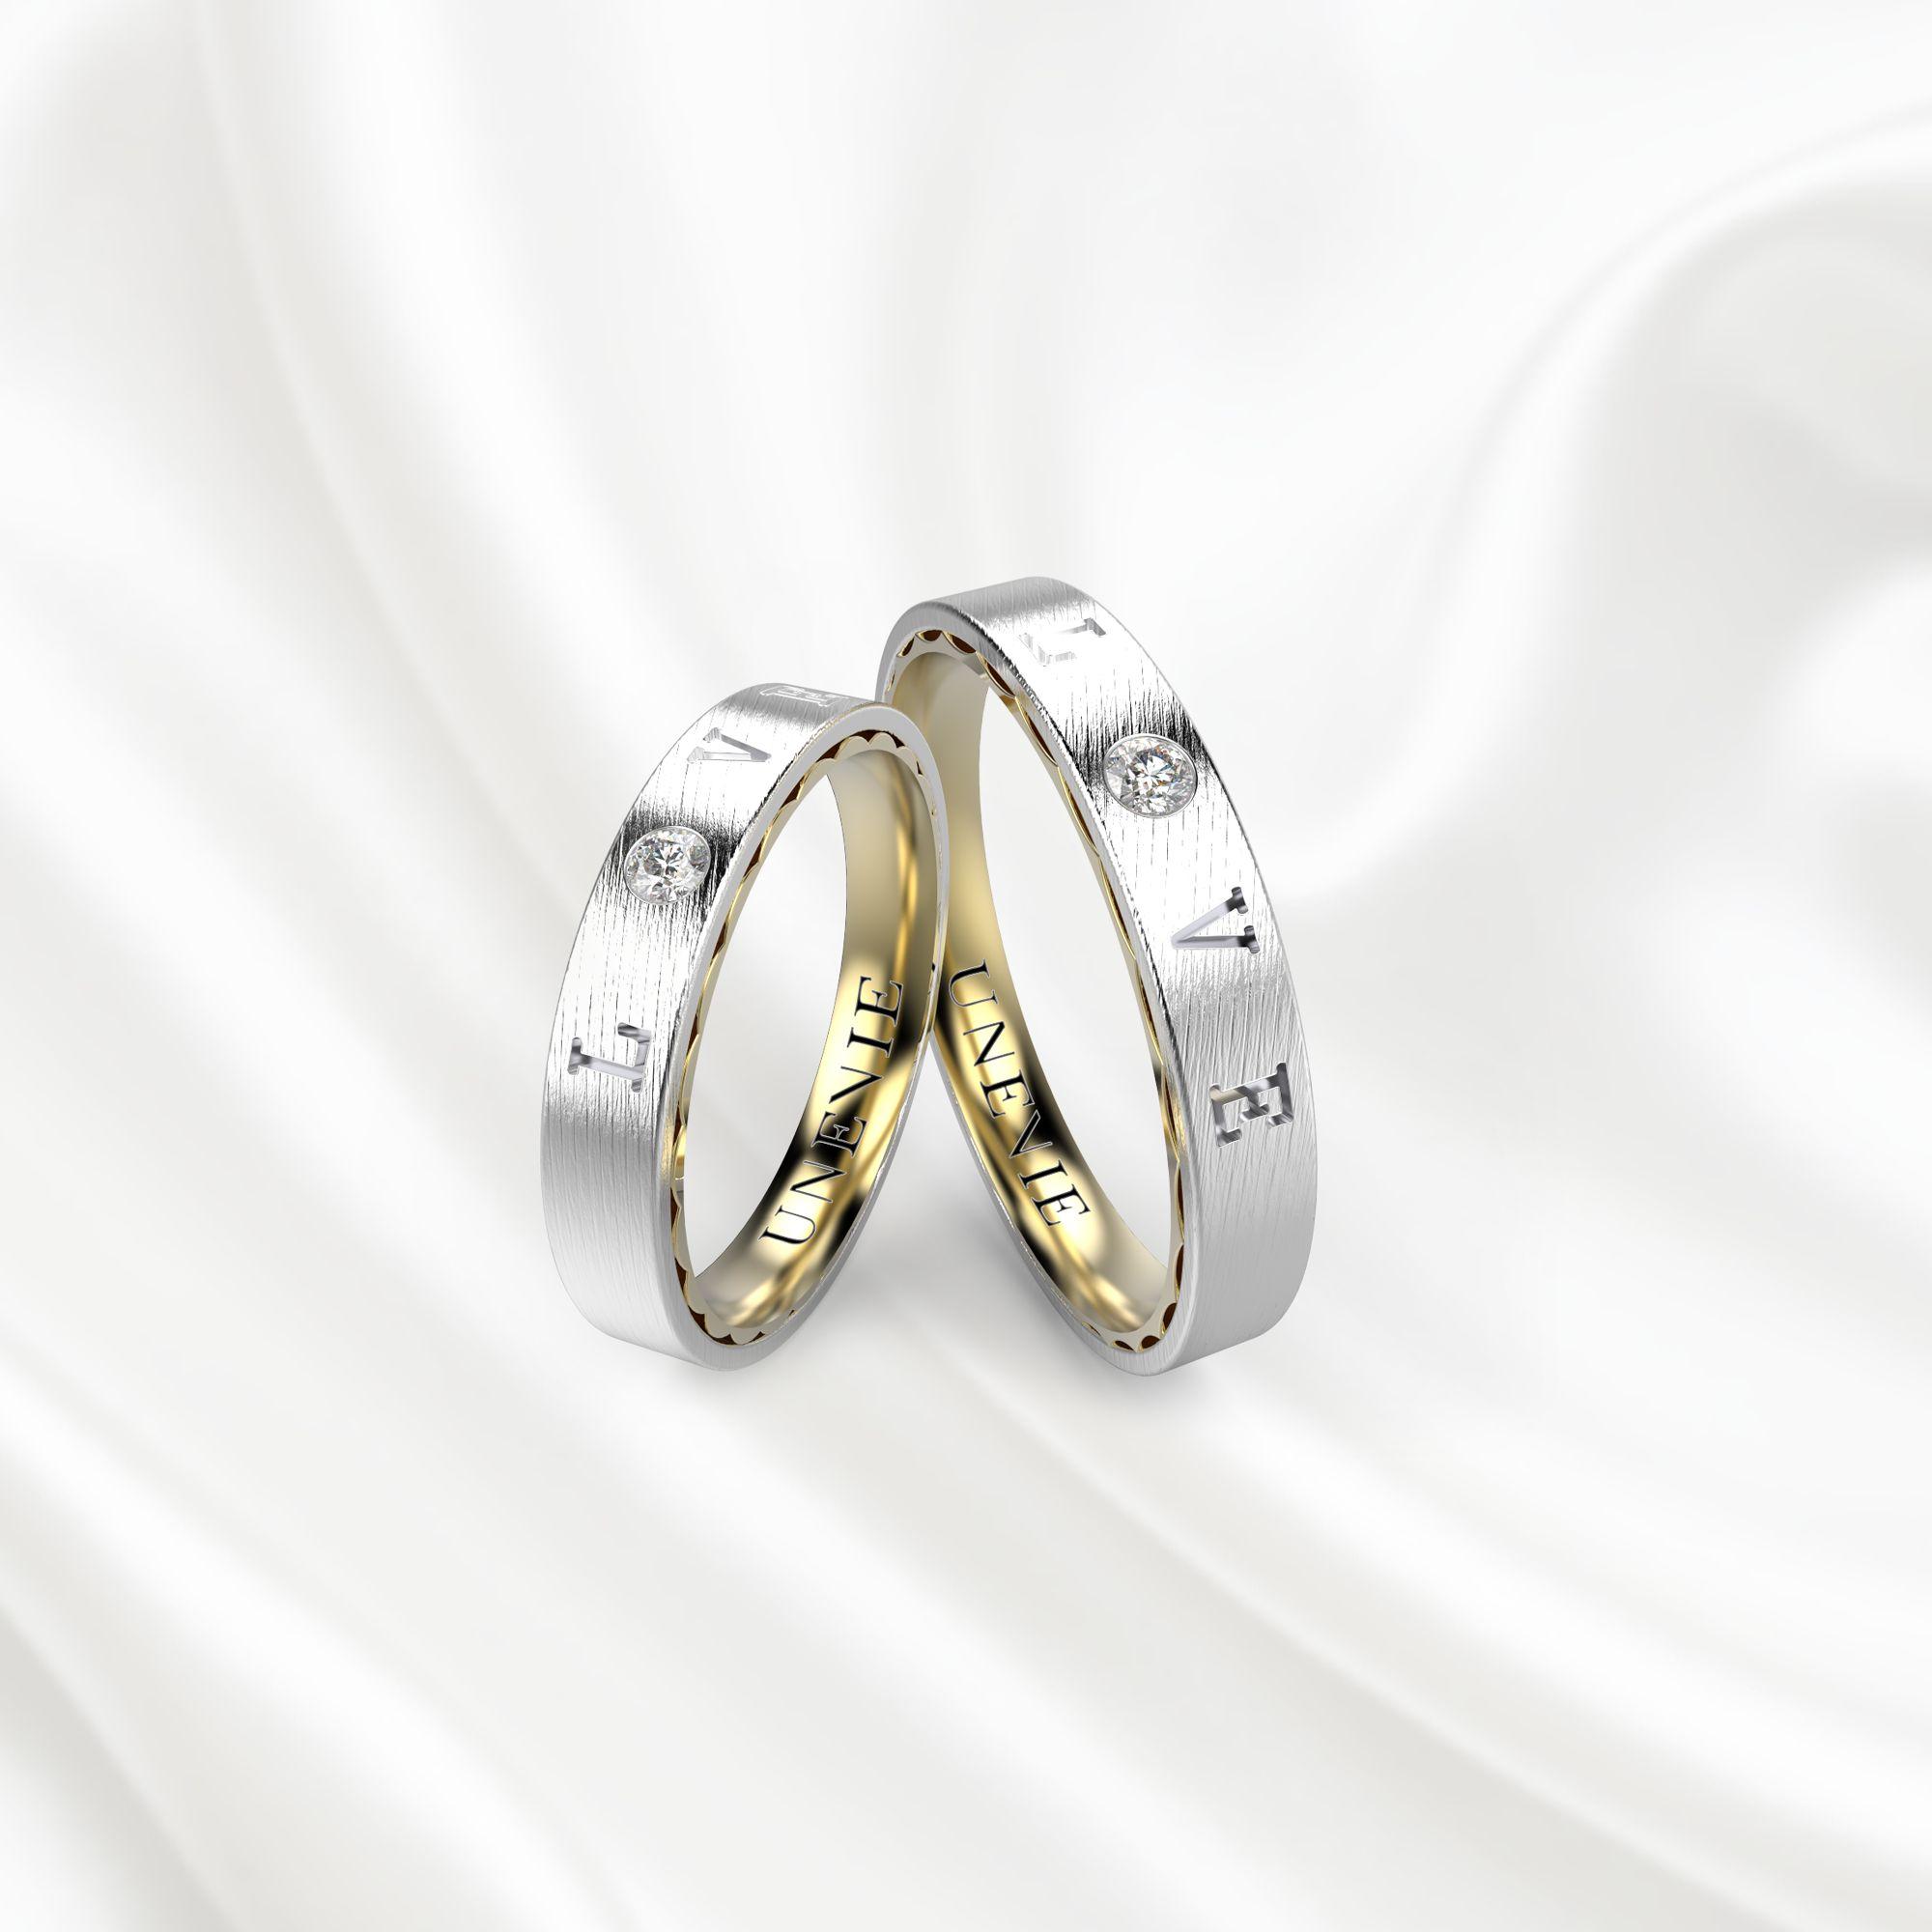 NV18 Обручальные кольца из бело-желтого золота